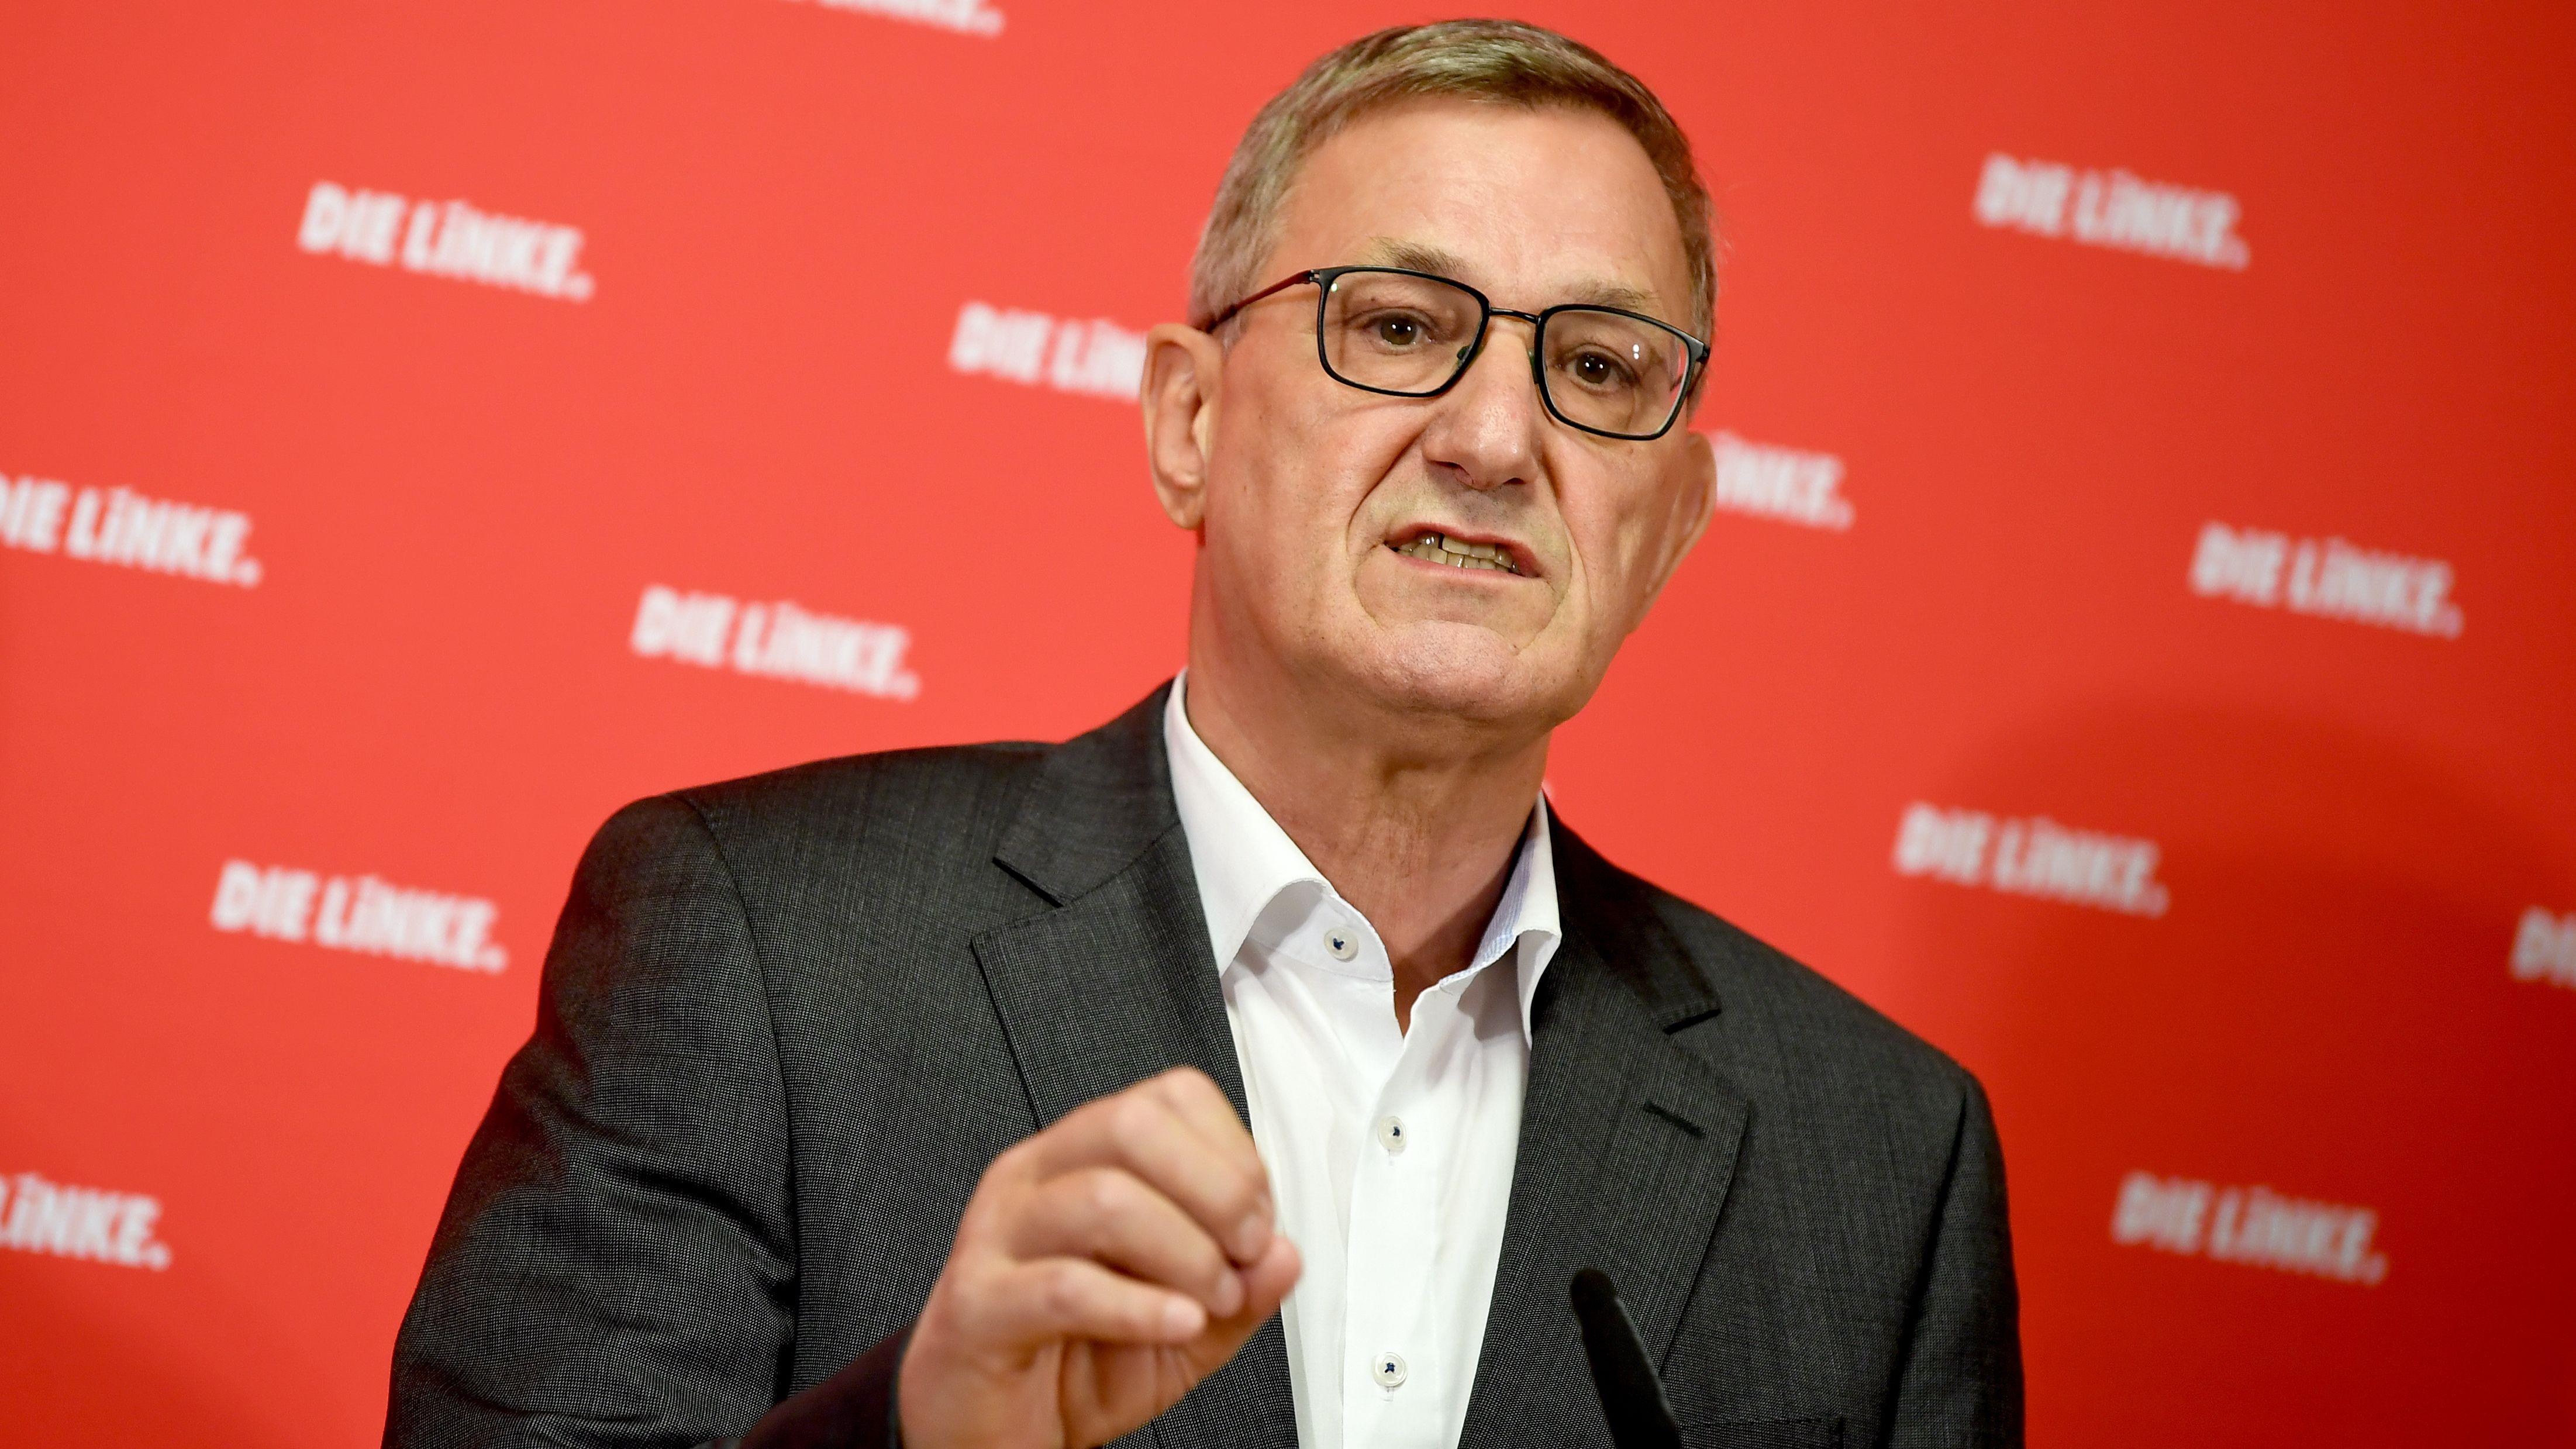 Bernd Riexinger